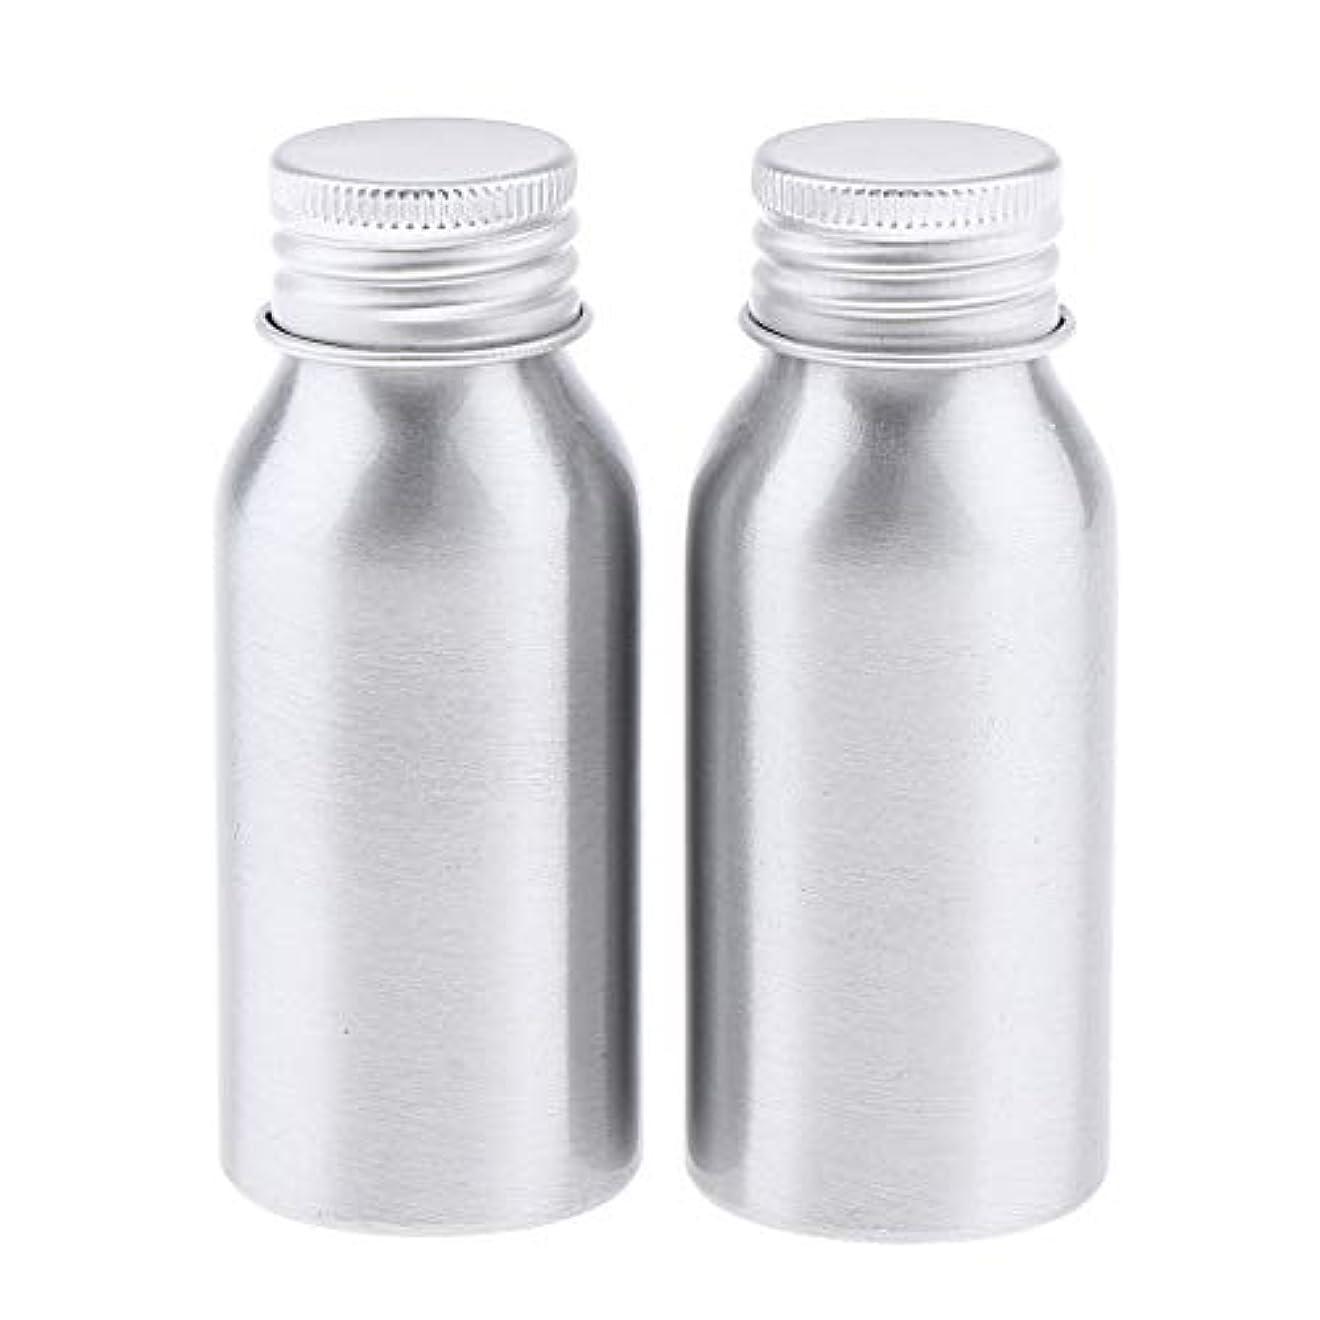 野望コード地中海ディスペンサーボトル 空ボトル アルミボトル 化粧品ボトル 詰替え容器 広い口 防錆 全5サイズ - 50ml